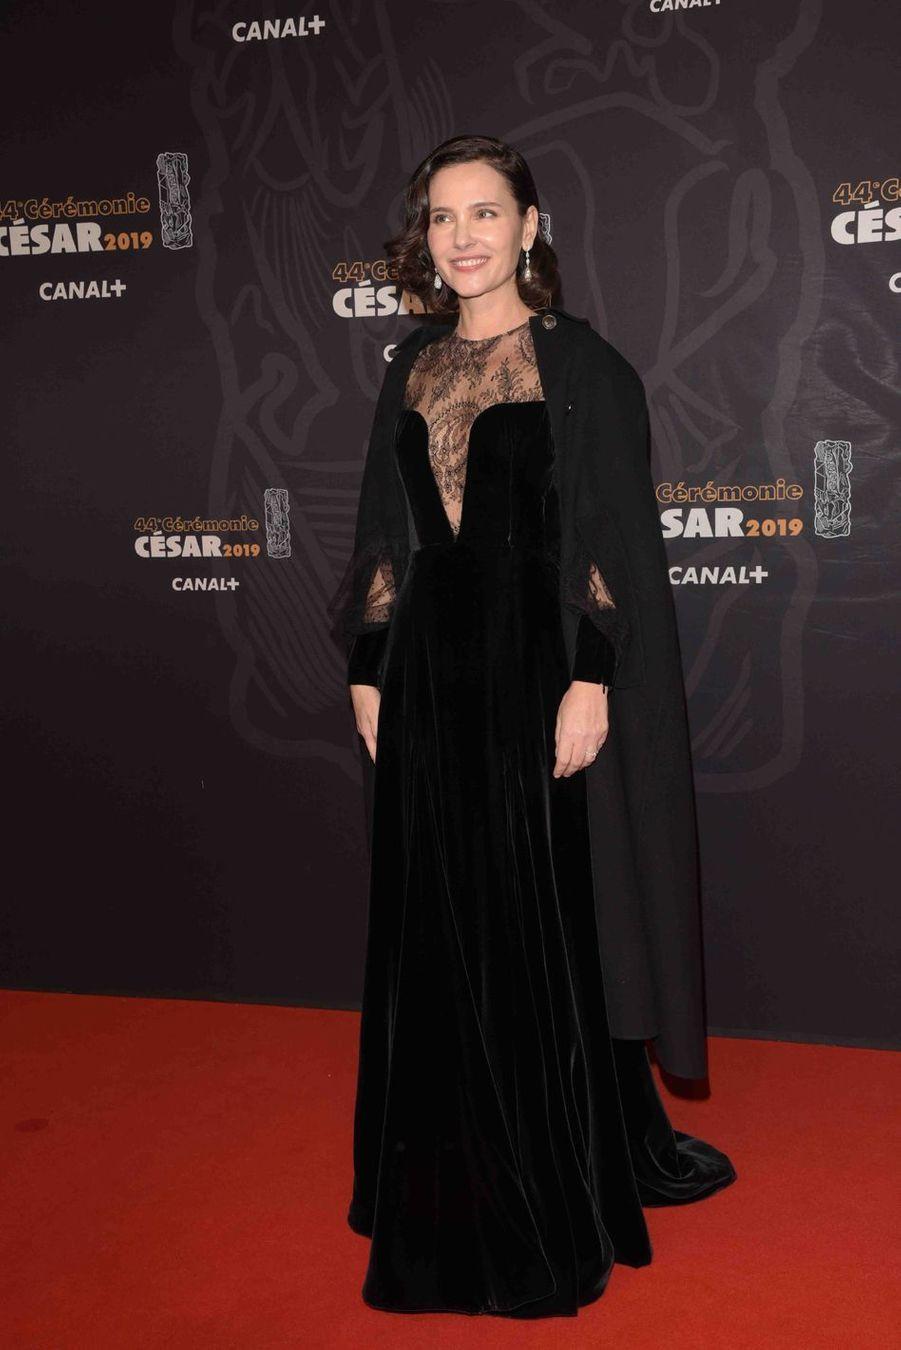 Virginie Ledoyen à la 44e cérémonie des César à la Salle Pleyel à Paris le 22 février 2019